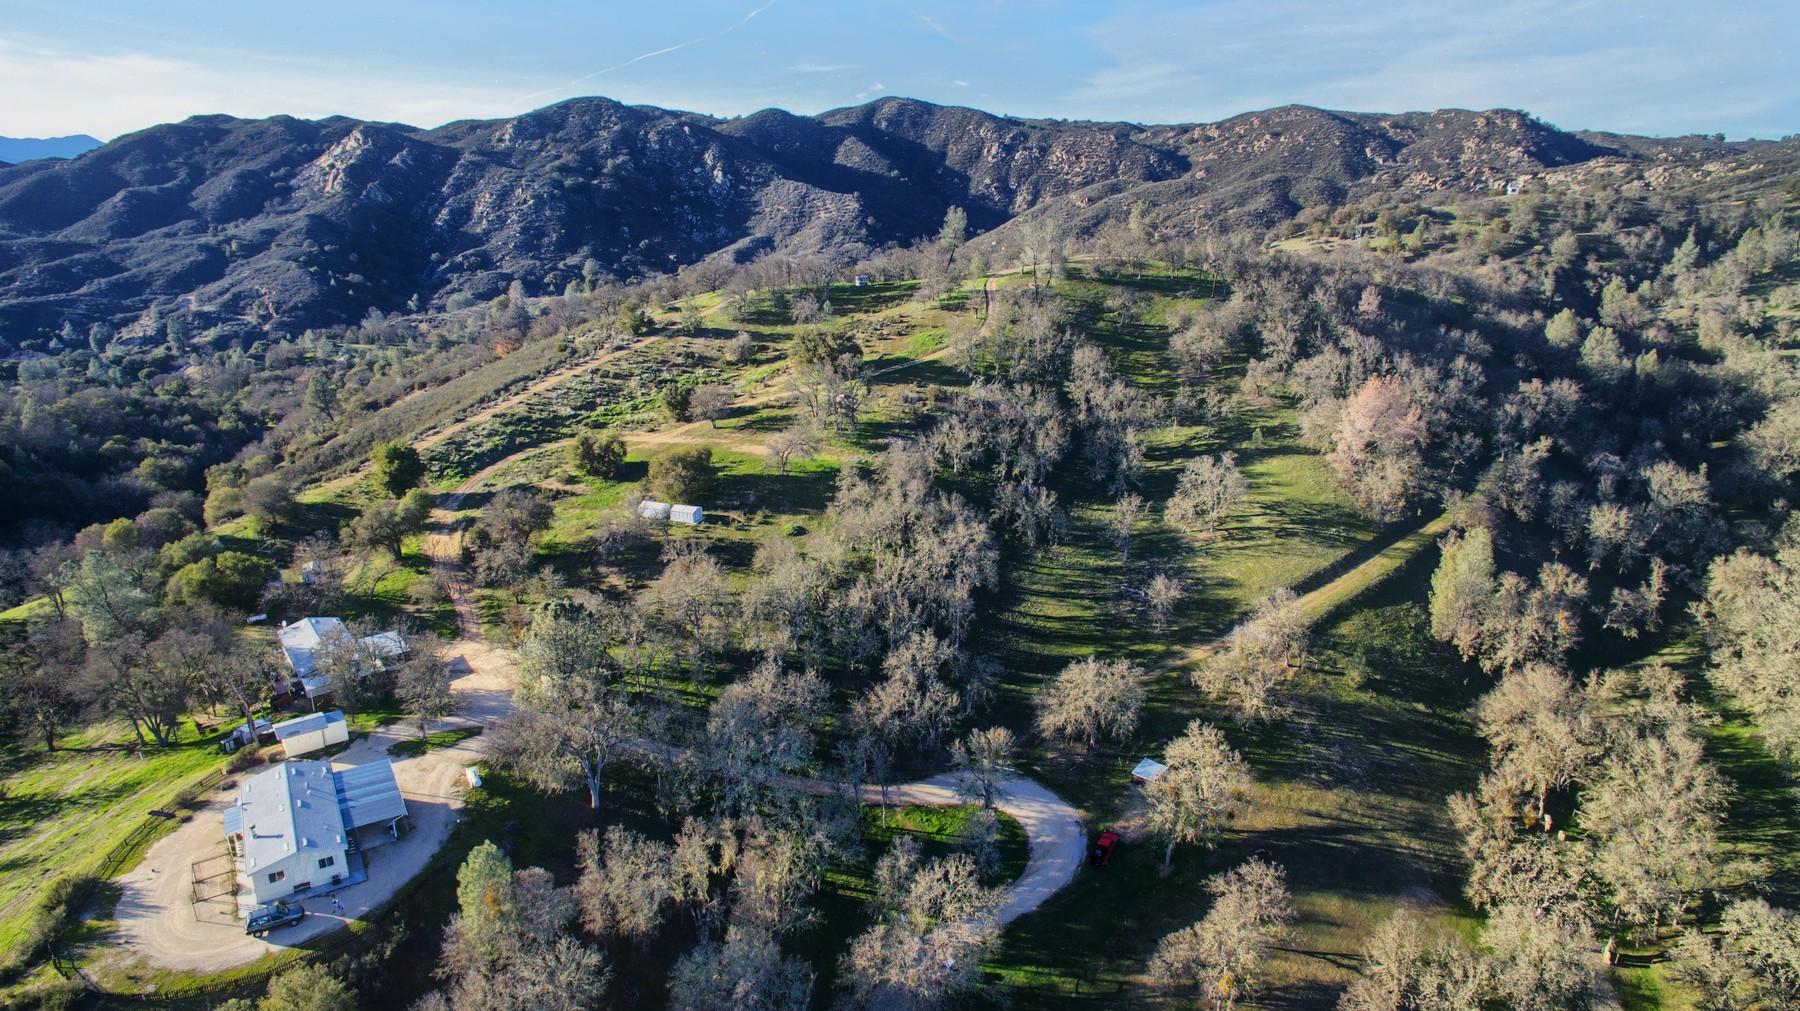 其它住宅 为 销售 在 Vista Pilitas Ranch 4044 Las Pilitas Rd 圣玛格丽塔, 加利福尼亚州, 93453 美国